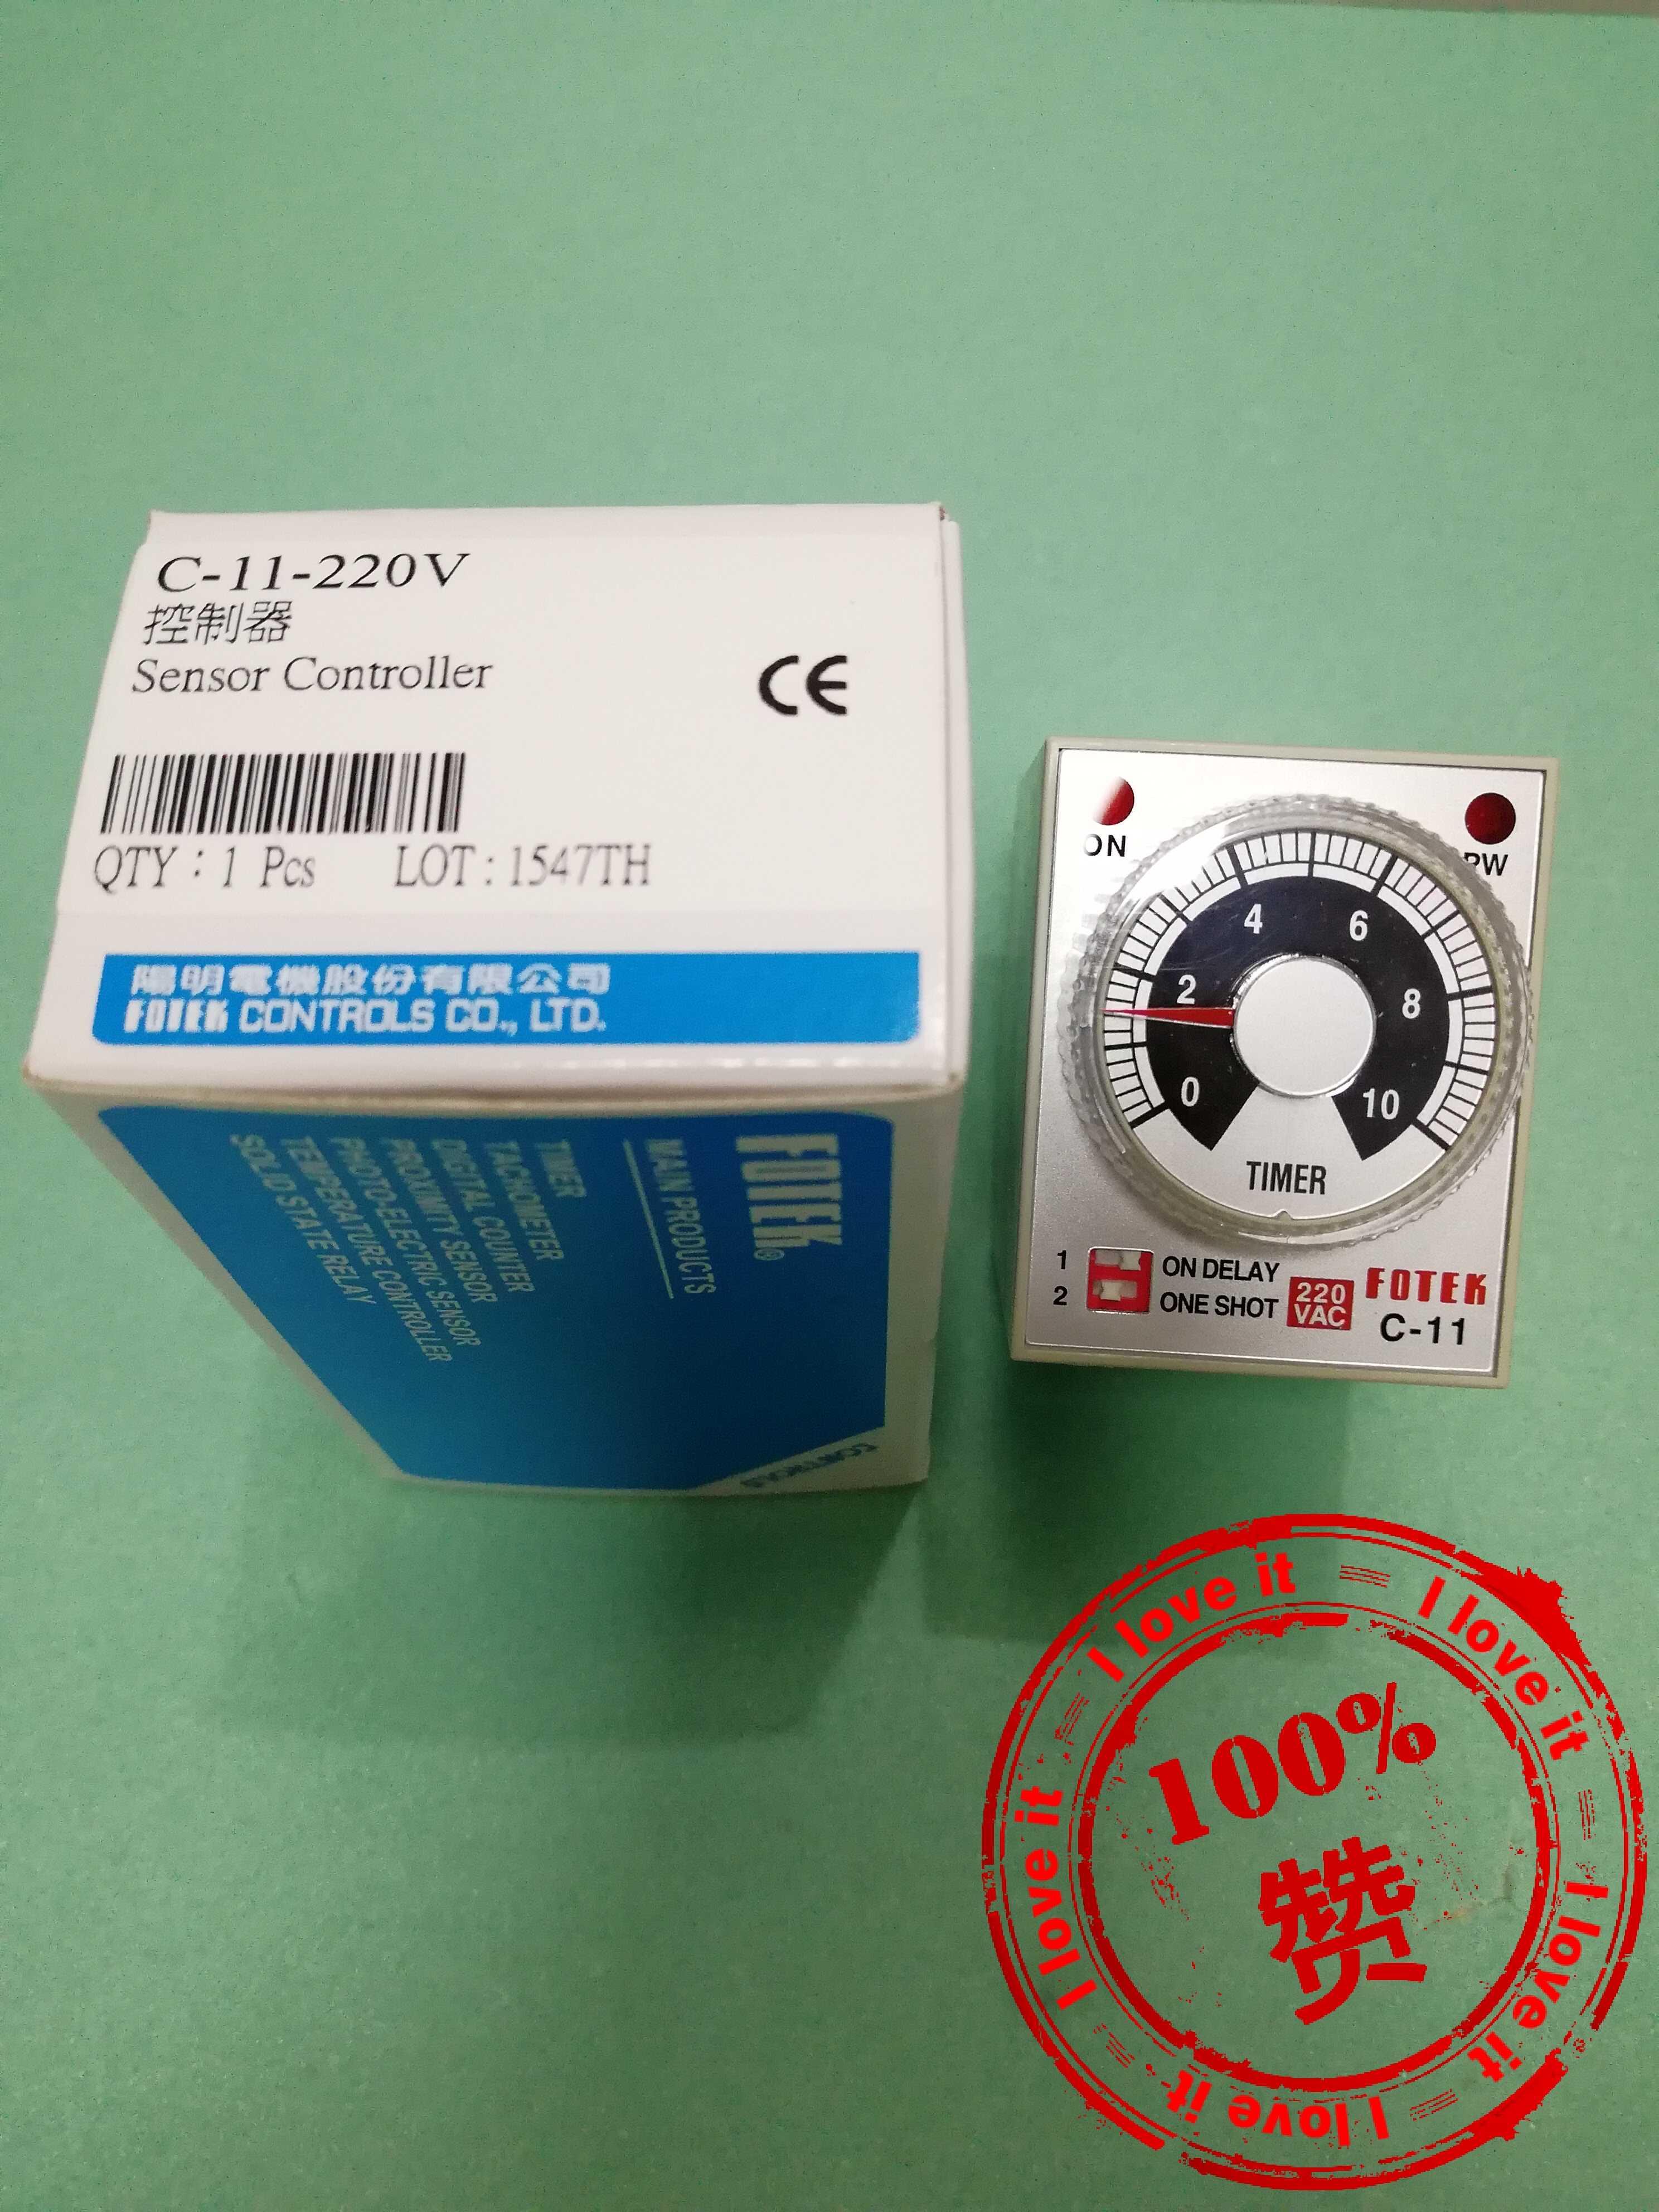 100% nouveau contrôleur original C-11-220V 220V fausse pénalité 10